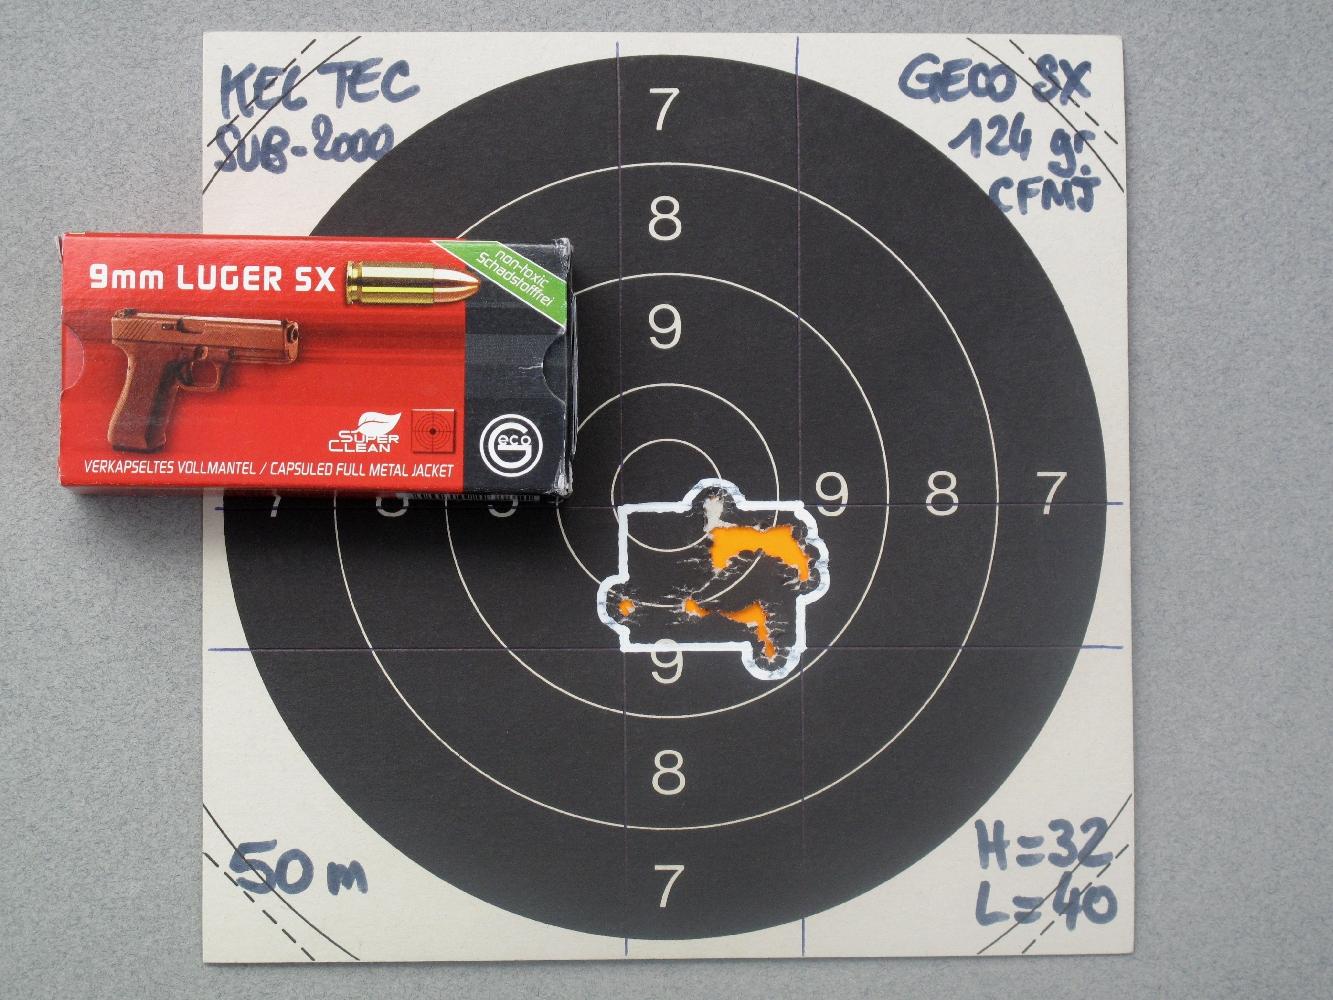 La précision de cette arme est excellente, les groupements obtenus à 50 mètres étant comparables à ceux que les très bons pistolets semi-automatiques de calibre 9 mm Parabellum sont capables de produire à 25 mètres.